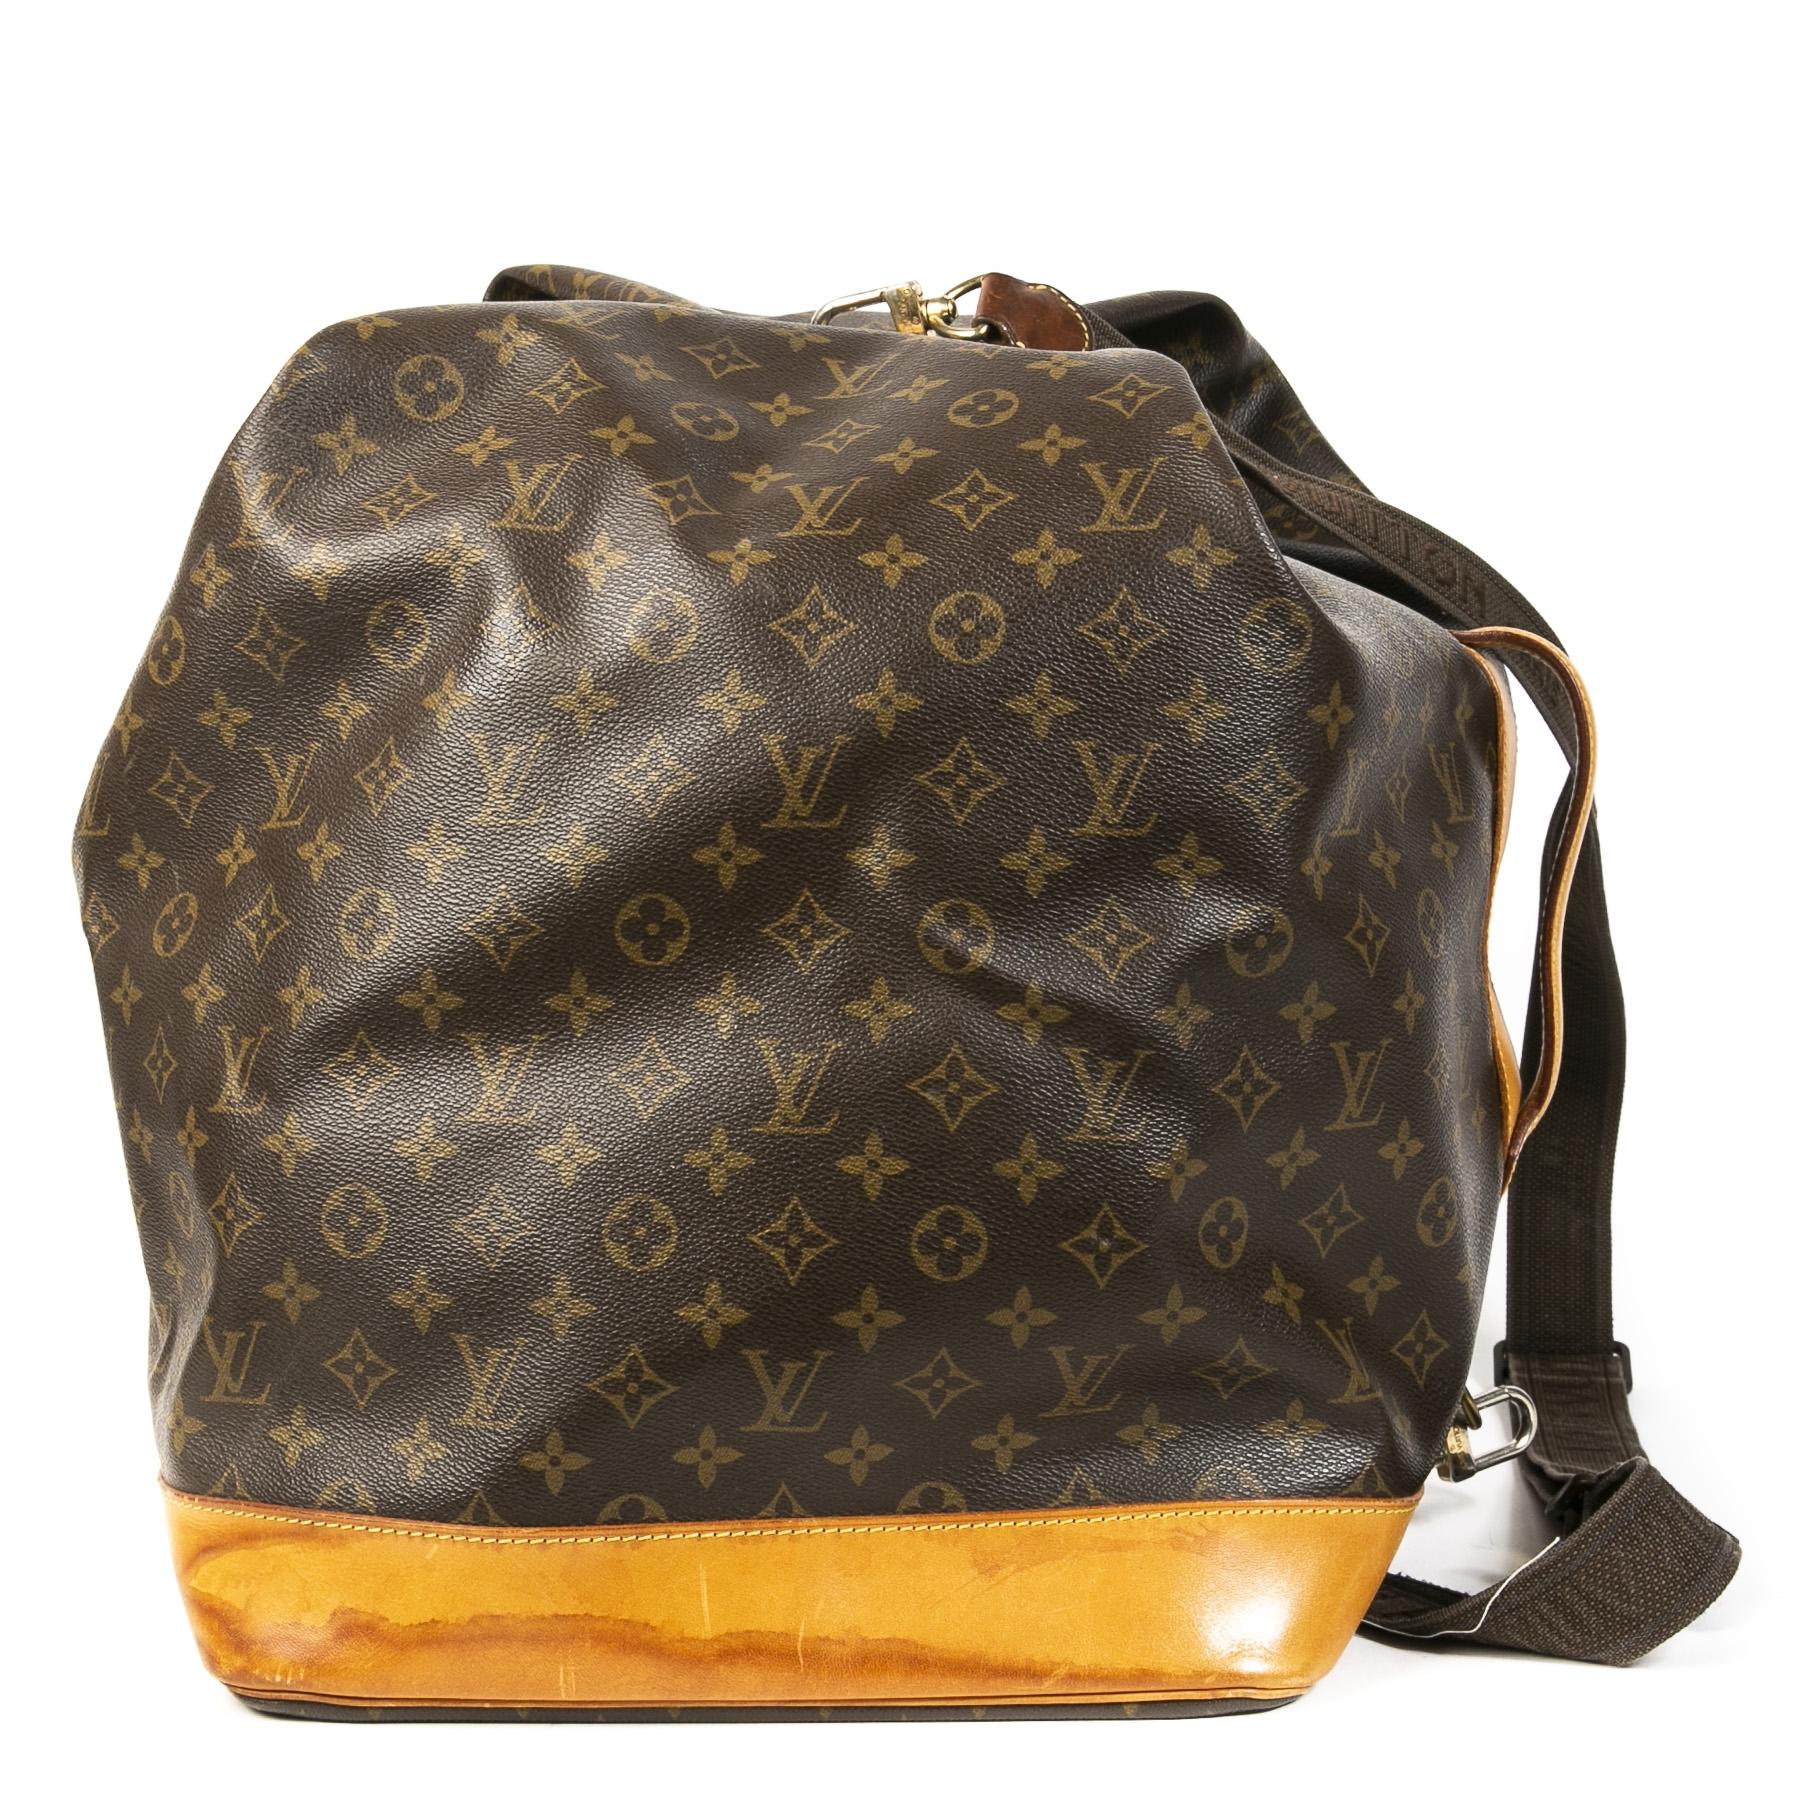 Authentieke Tweedehands Louis Vuitton Monogram Sac Marine Travel Bag juiste prijs veilig online shoppen luxe merken webshop winkelen Antwerpen België mode fashion